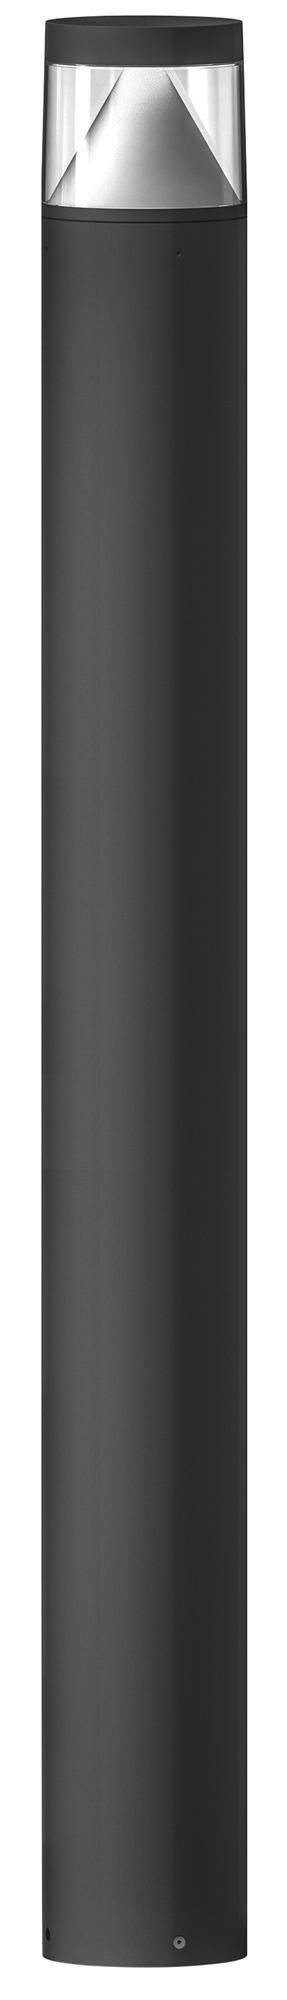 Lampenlux LED Außenleuchte Wegleuchte Cooly Pollerleuchte 3000K 360° Ø16cm 20W IP54